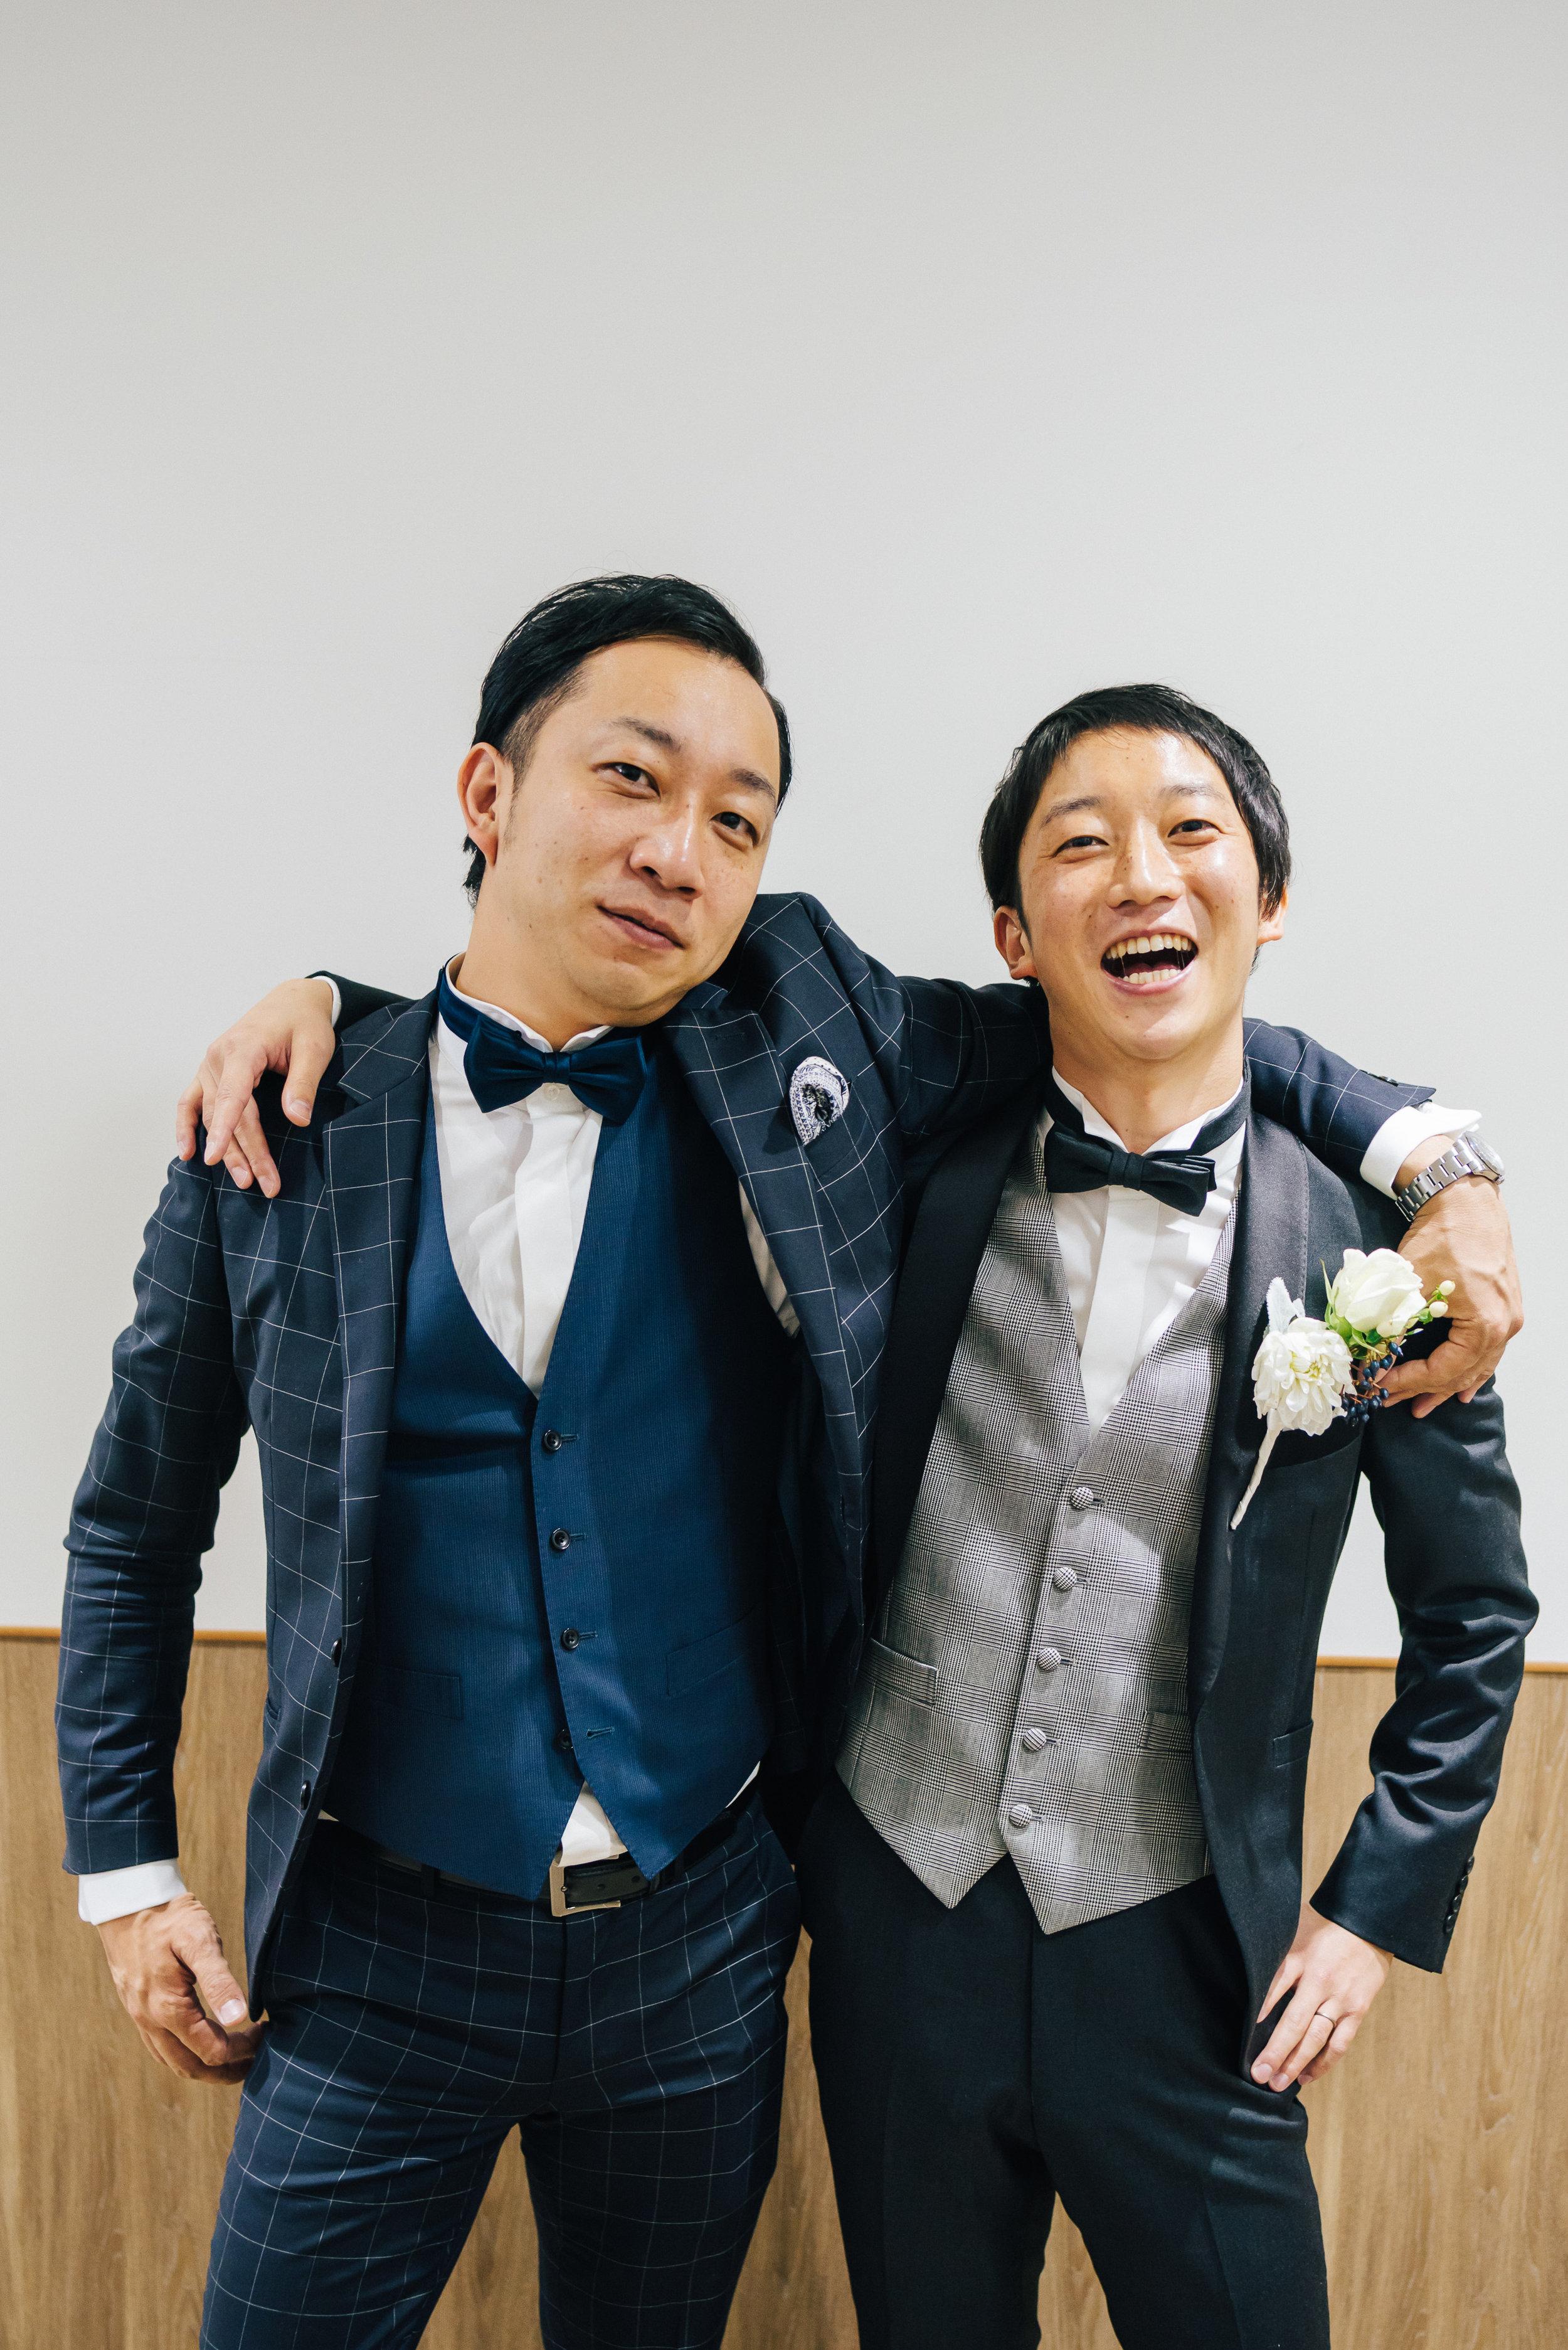 ご結婚式だからこそ撮ることのできるお写真がきっとあると思います。兄弟ショット、決まっています!